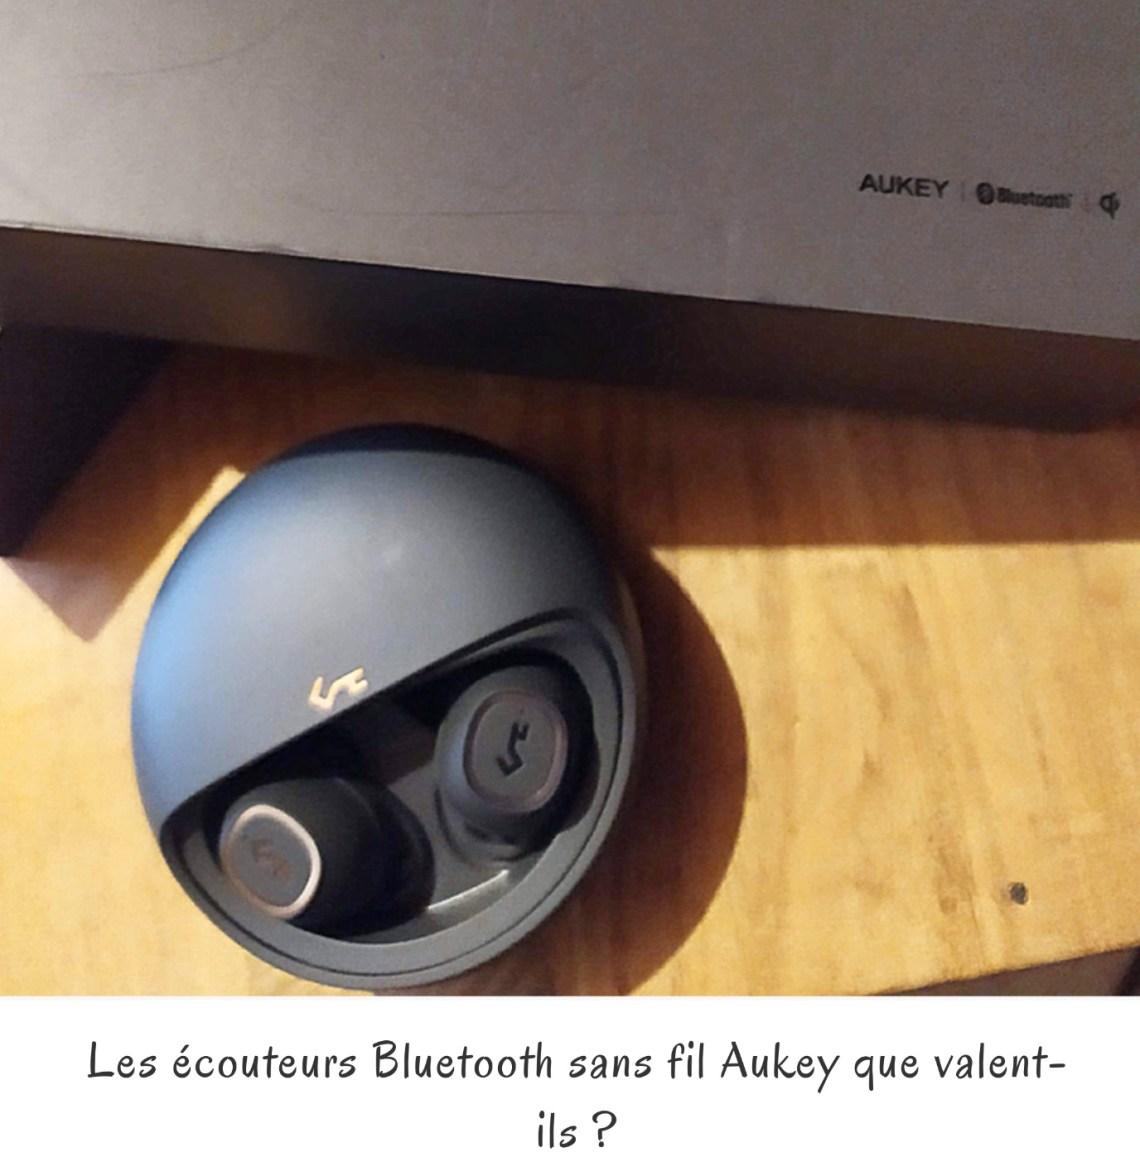 Les écouteurs Bluetooth sans fil Aukey que valent-ils ?